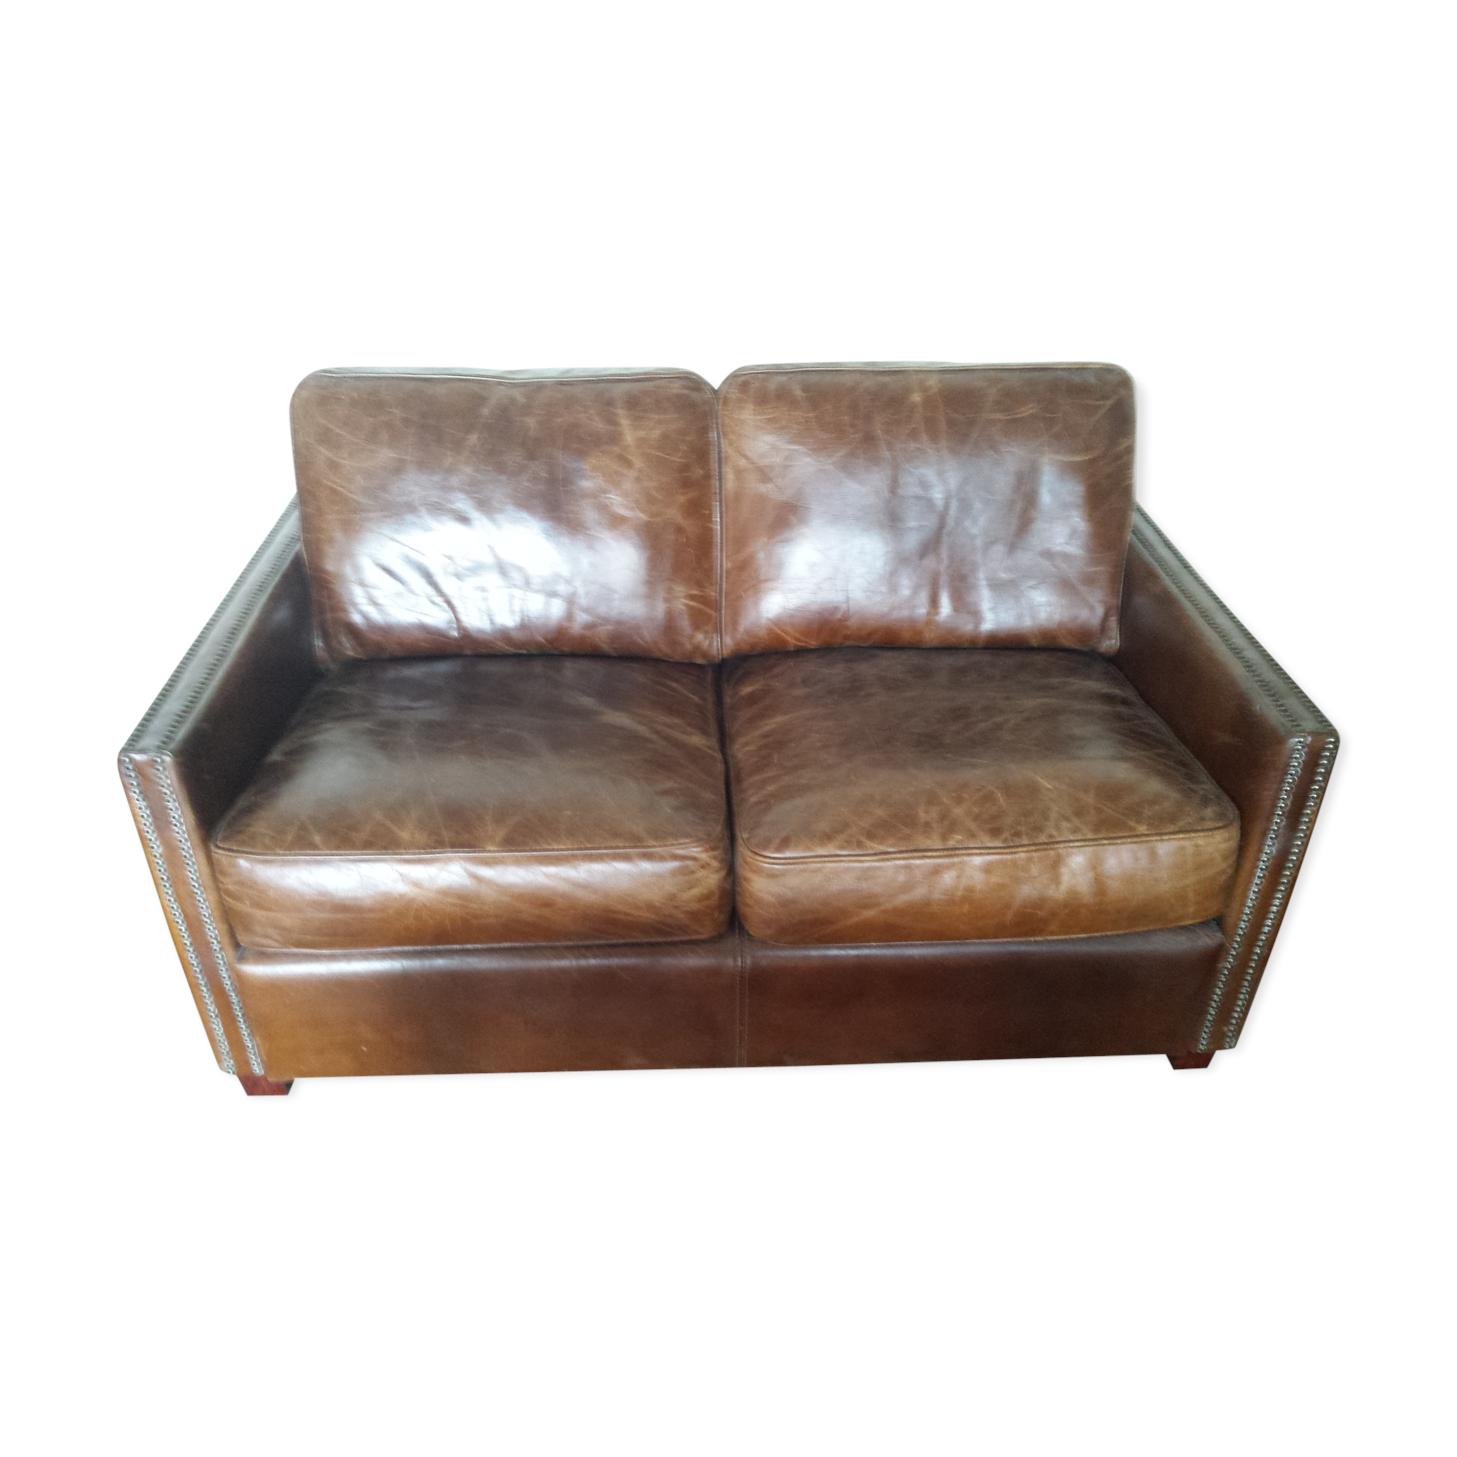 Canapé cuir vieilli Boston cuir marron vintage l3A3X7n